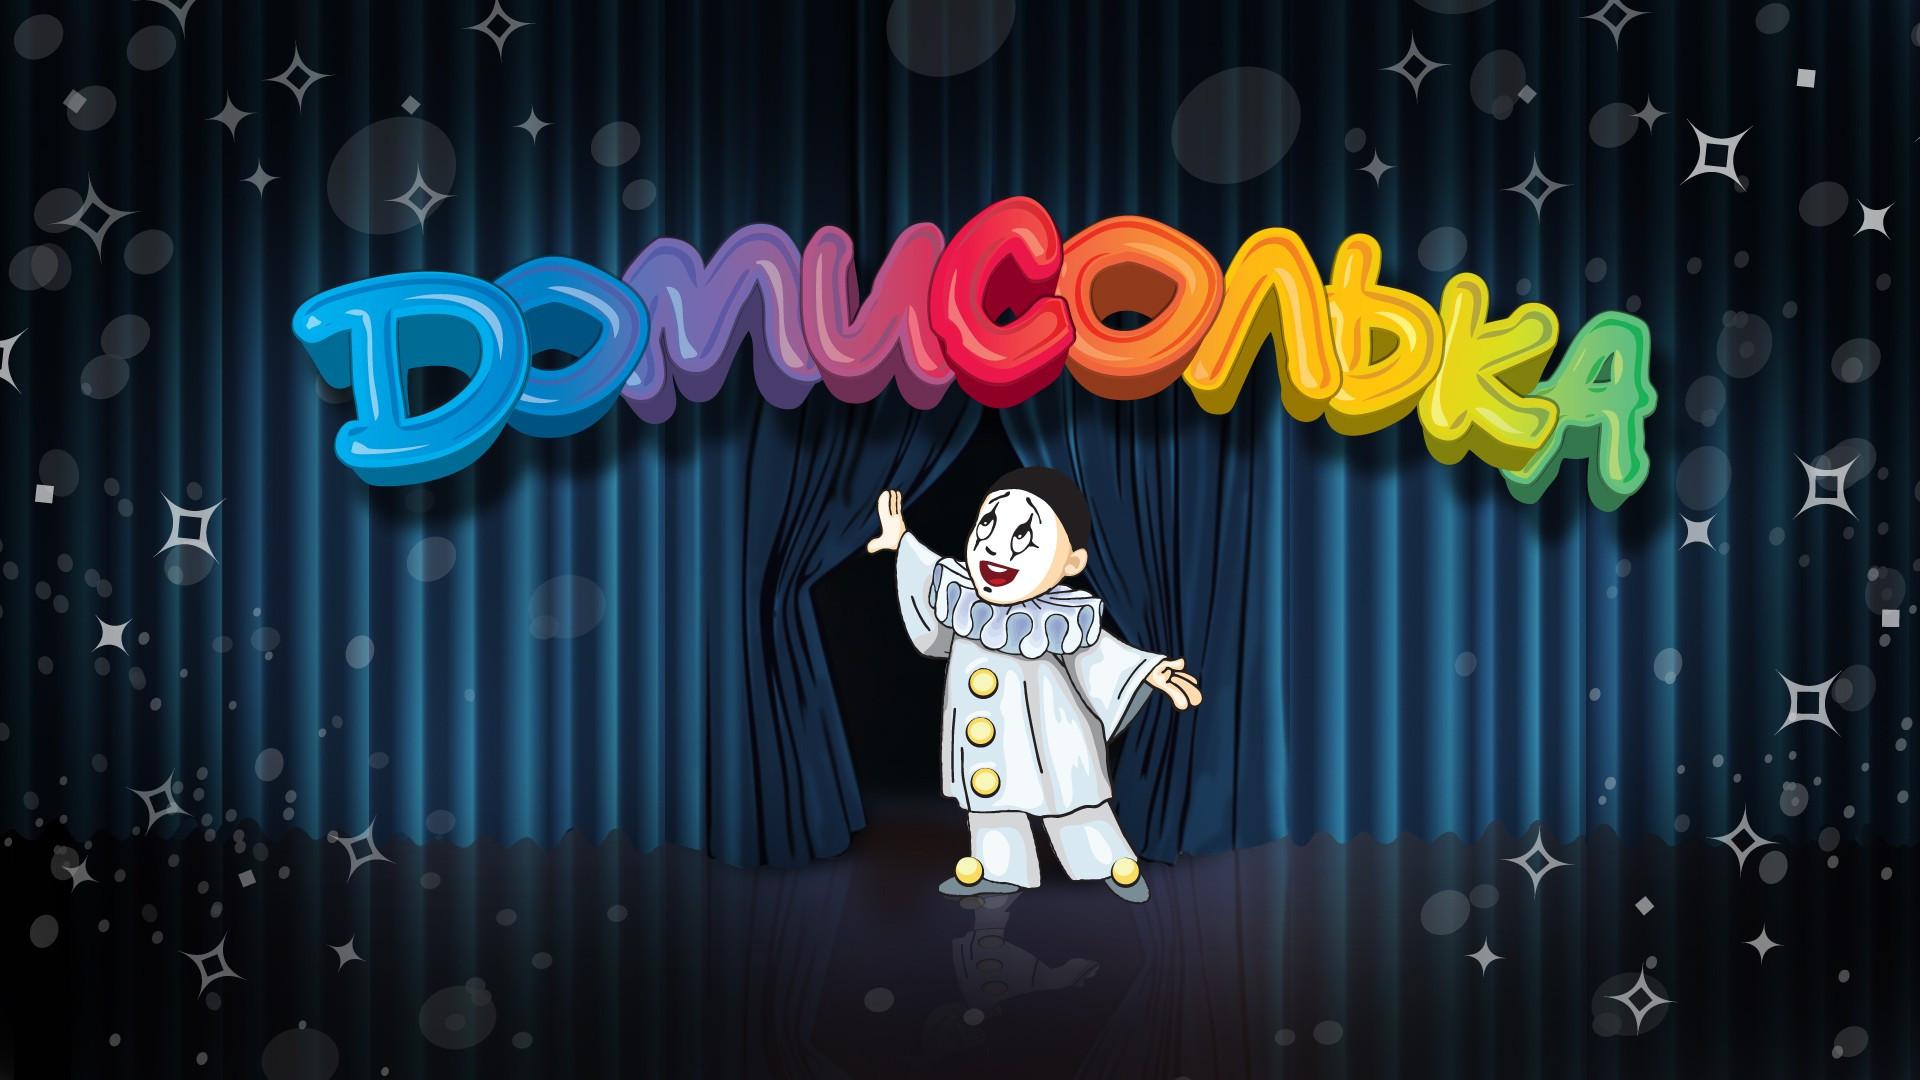 Детский музыкальный театр «Домисолька». Концертная программа «Домисолька» – 30 лет спустя»